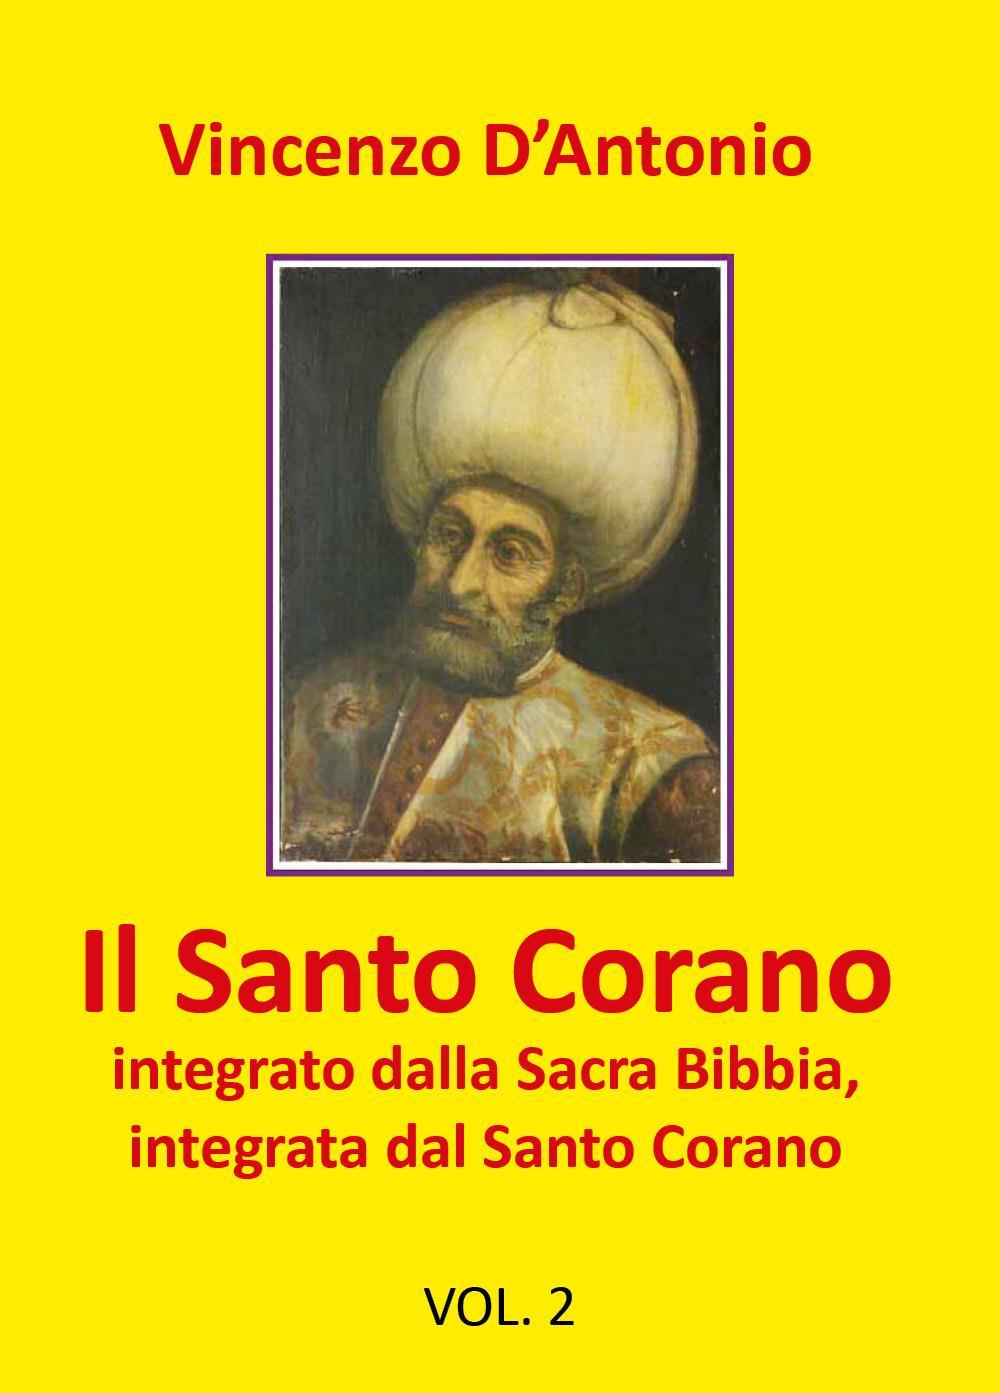 Il Santo Corano integrato dalla Sacra Bibbia, integrata dal Santo Corano - parte 2